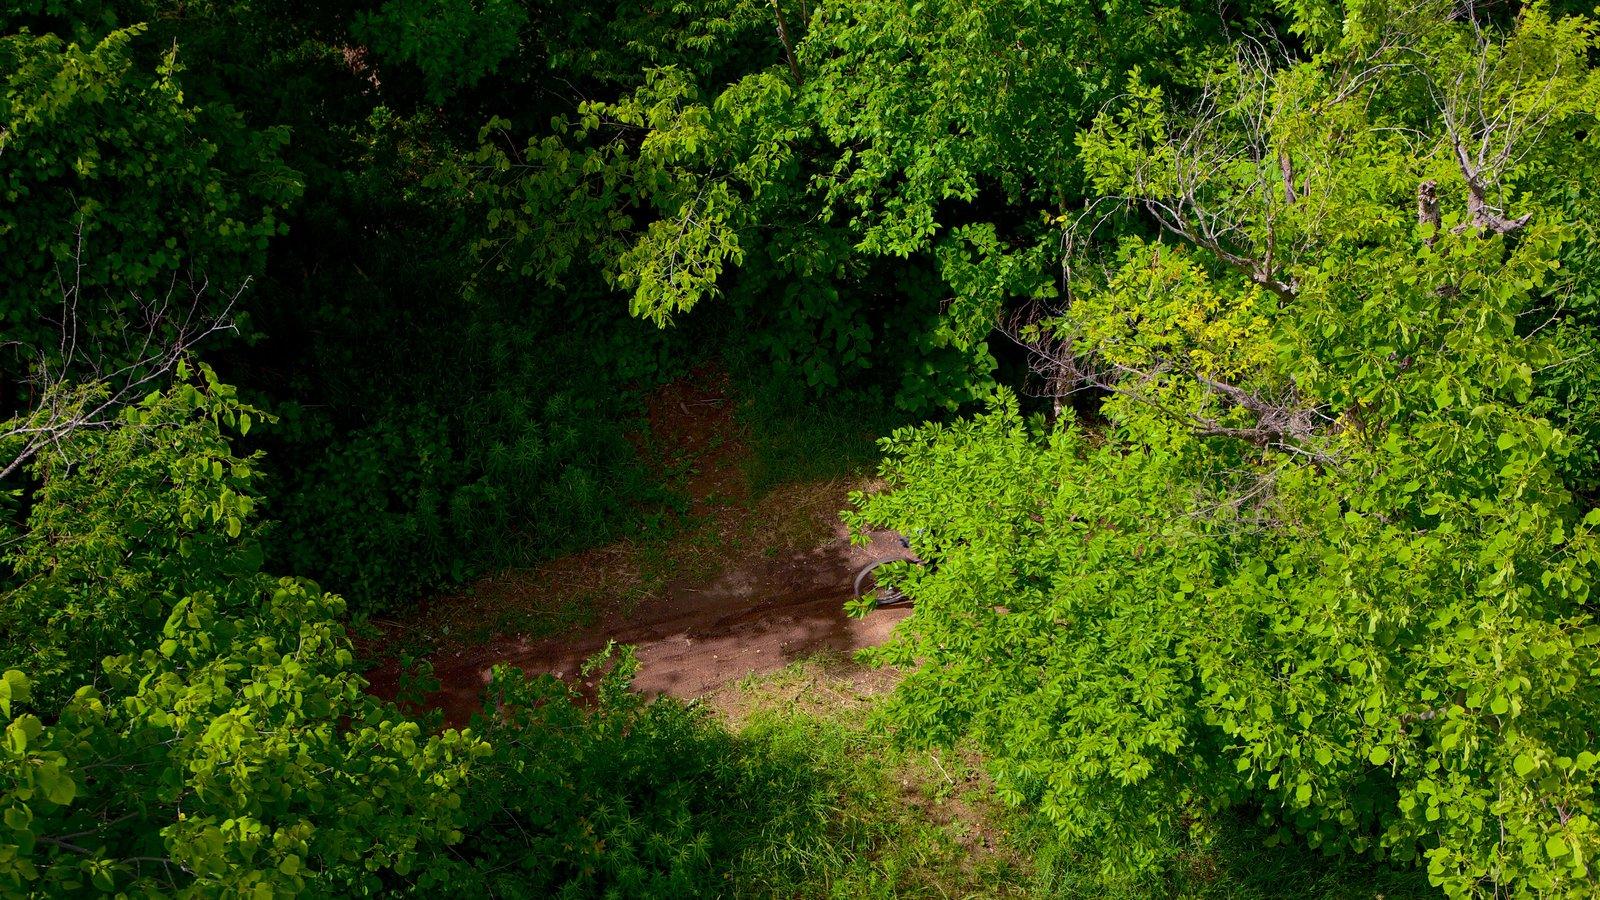 Blue Mountains caracterizando cenas de floresta